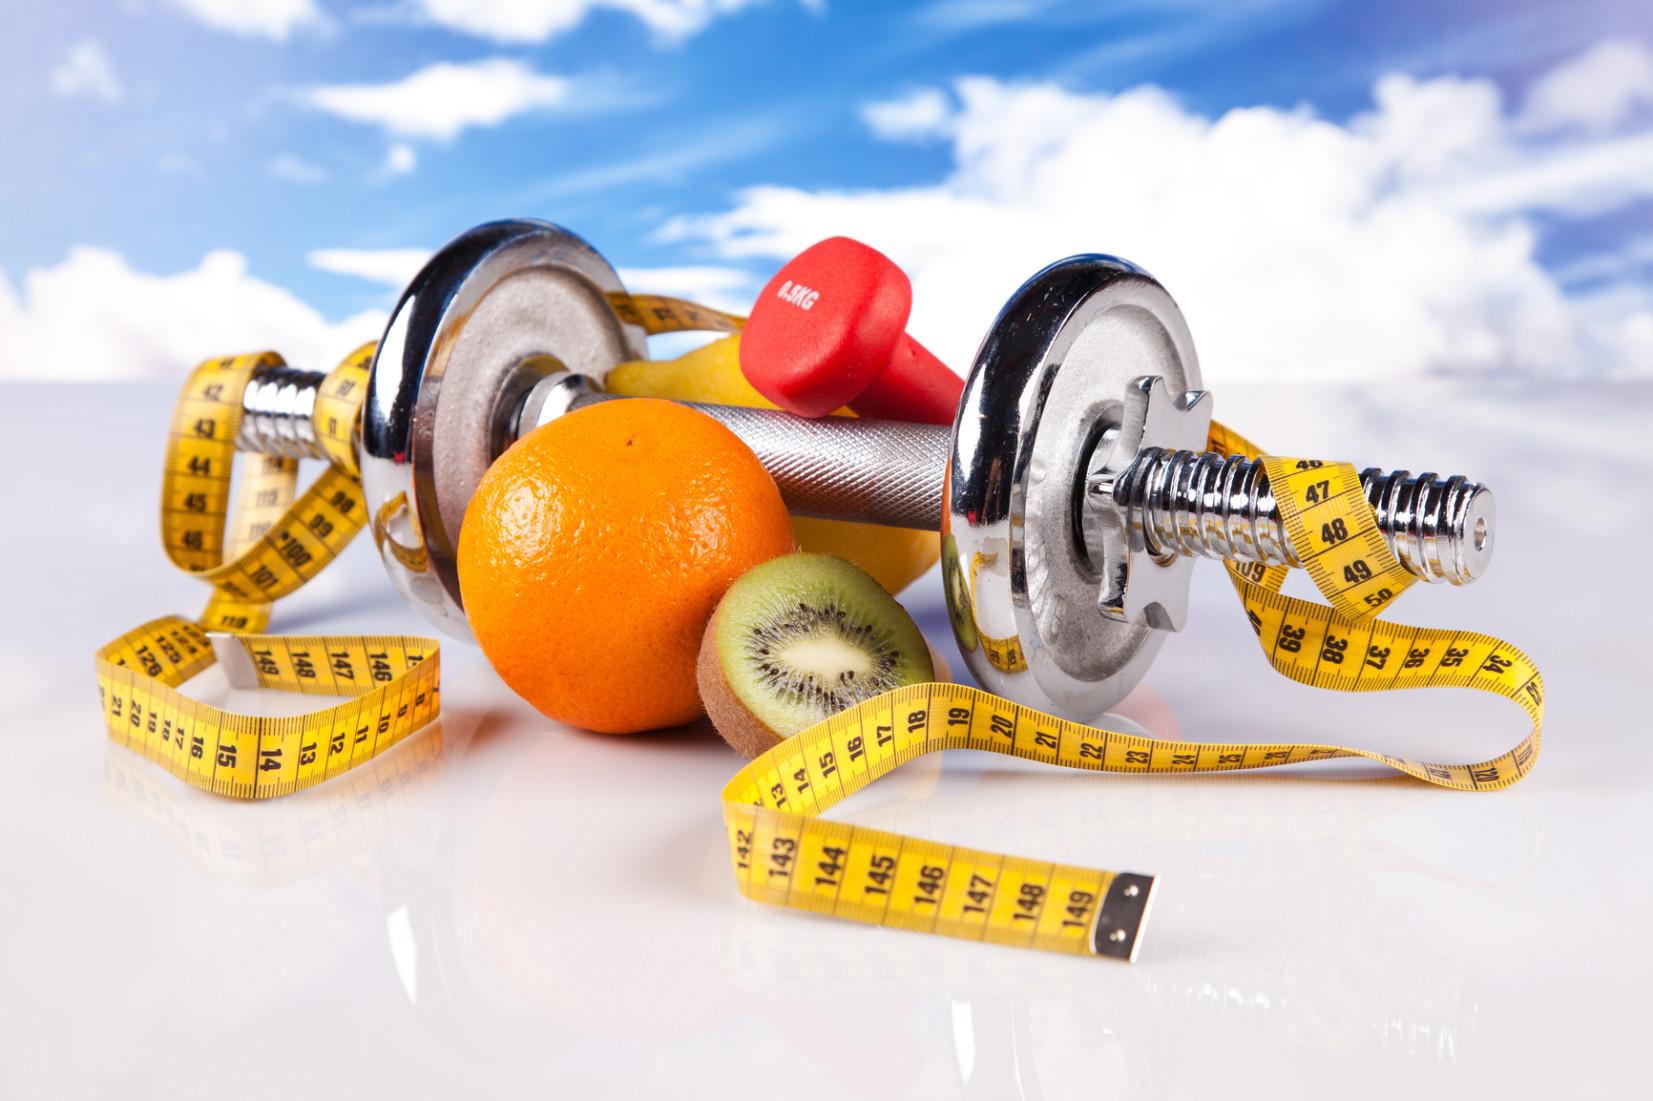 питание после тренировки для похудения ужин